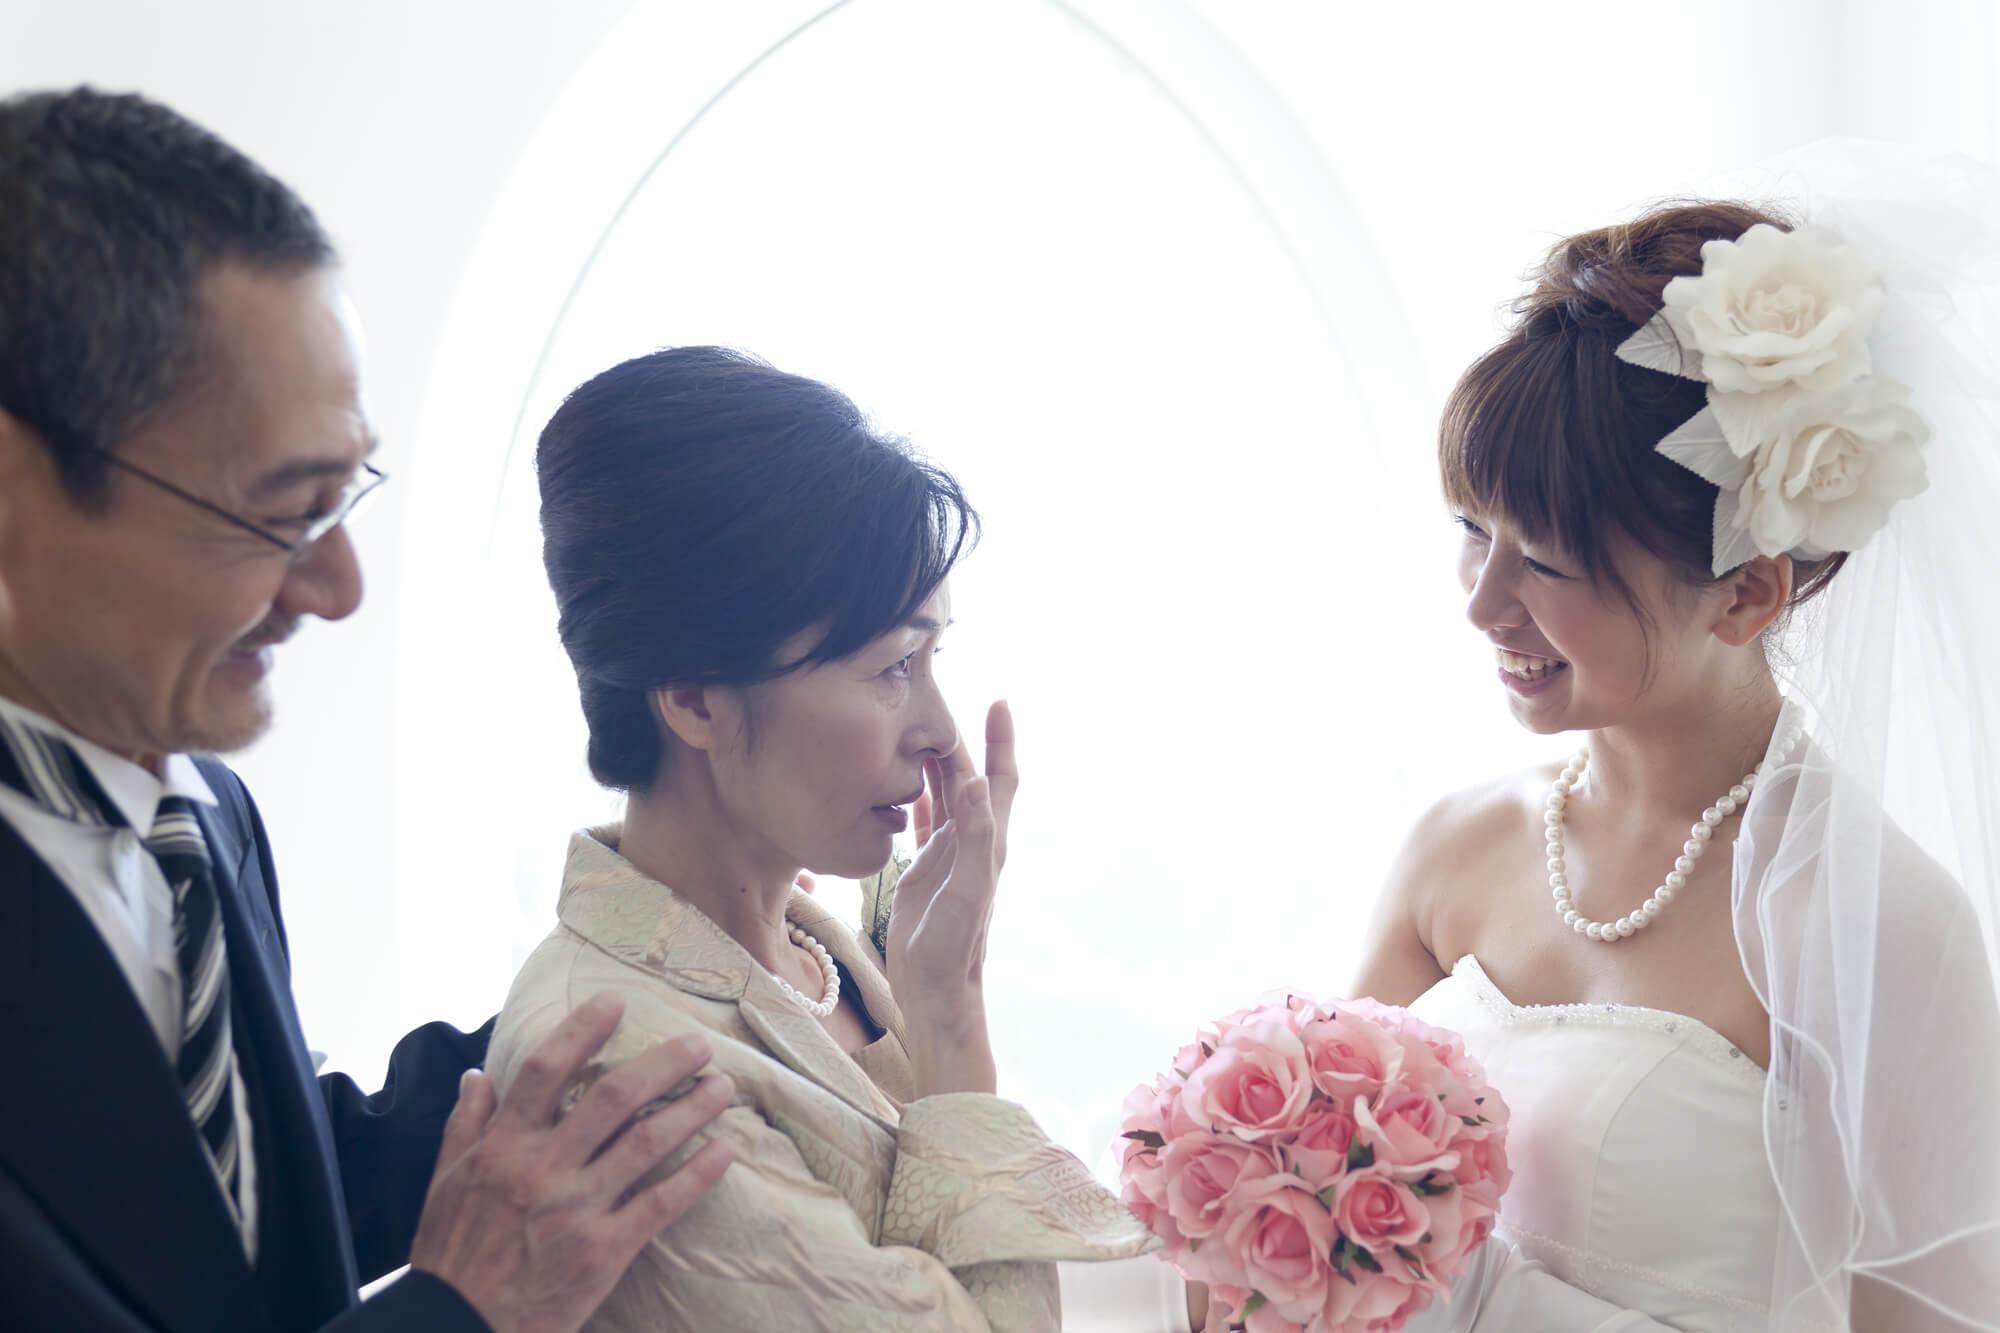 親族の結婚式に相応しいレンタルドレス 50代「叔母(伯母)」や「母親」向けドレス